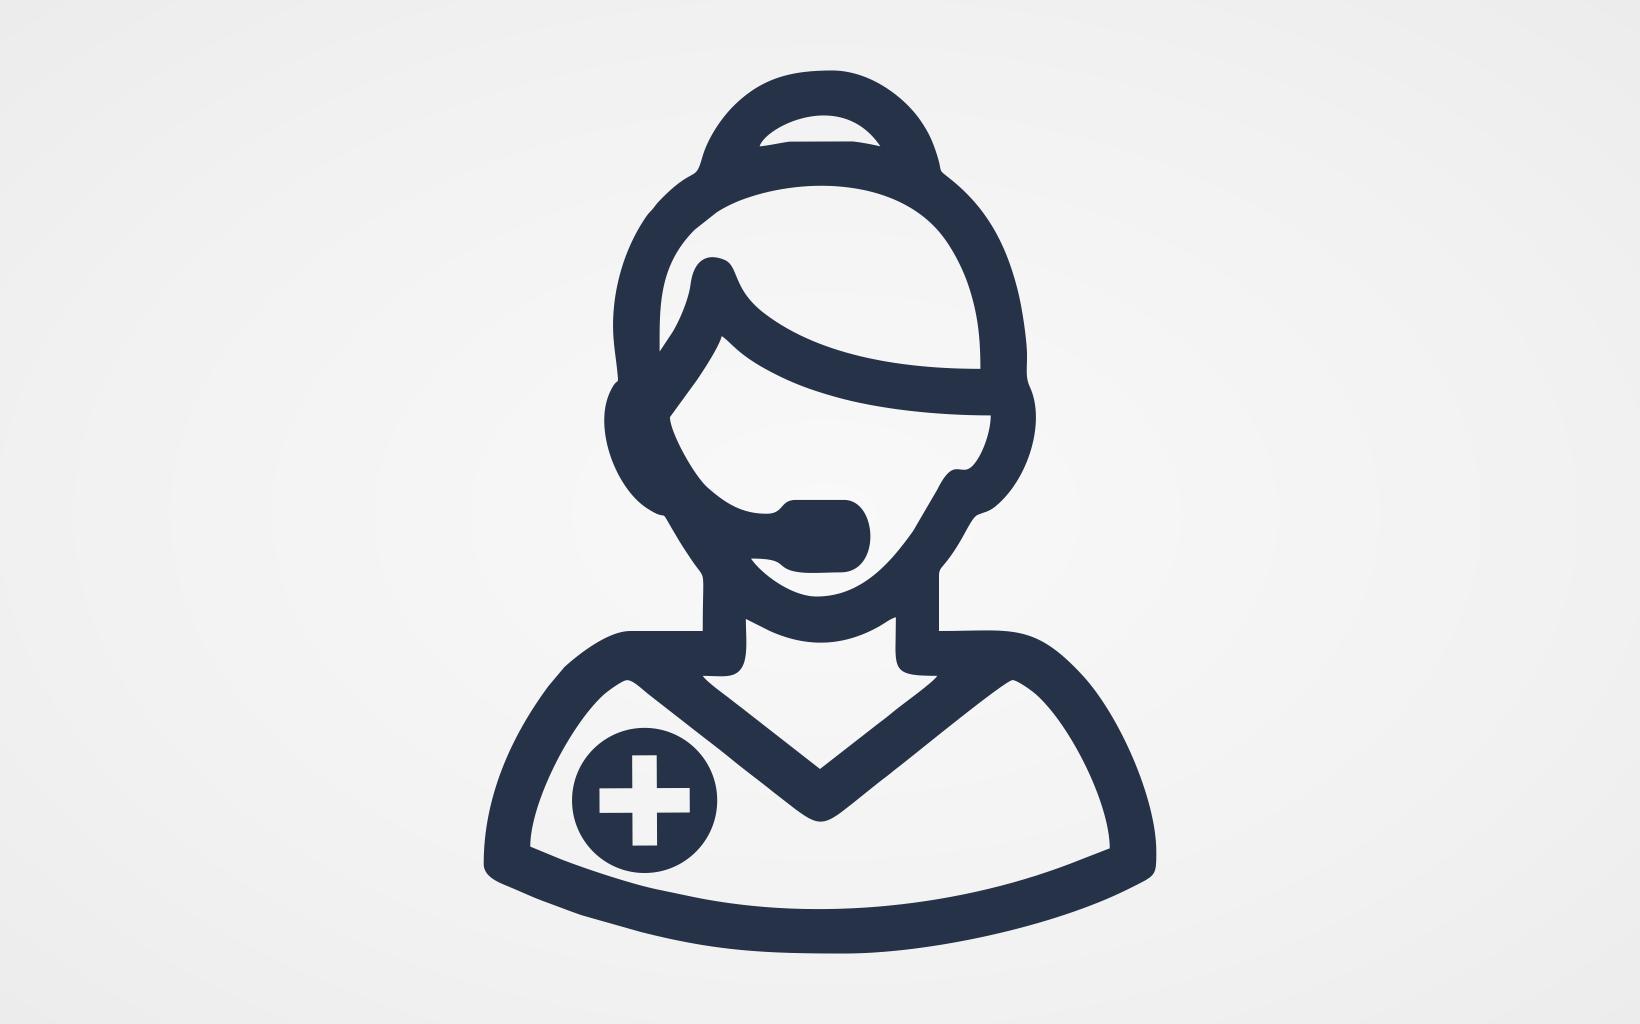 Fluxo de encaminhamentos dos pacientes da rede de Atenção Primária às especialidades que utilizam a Tele Consulta